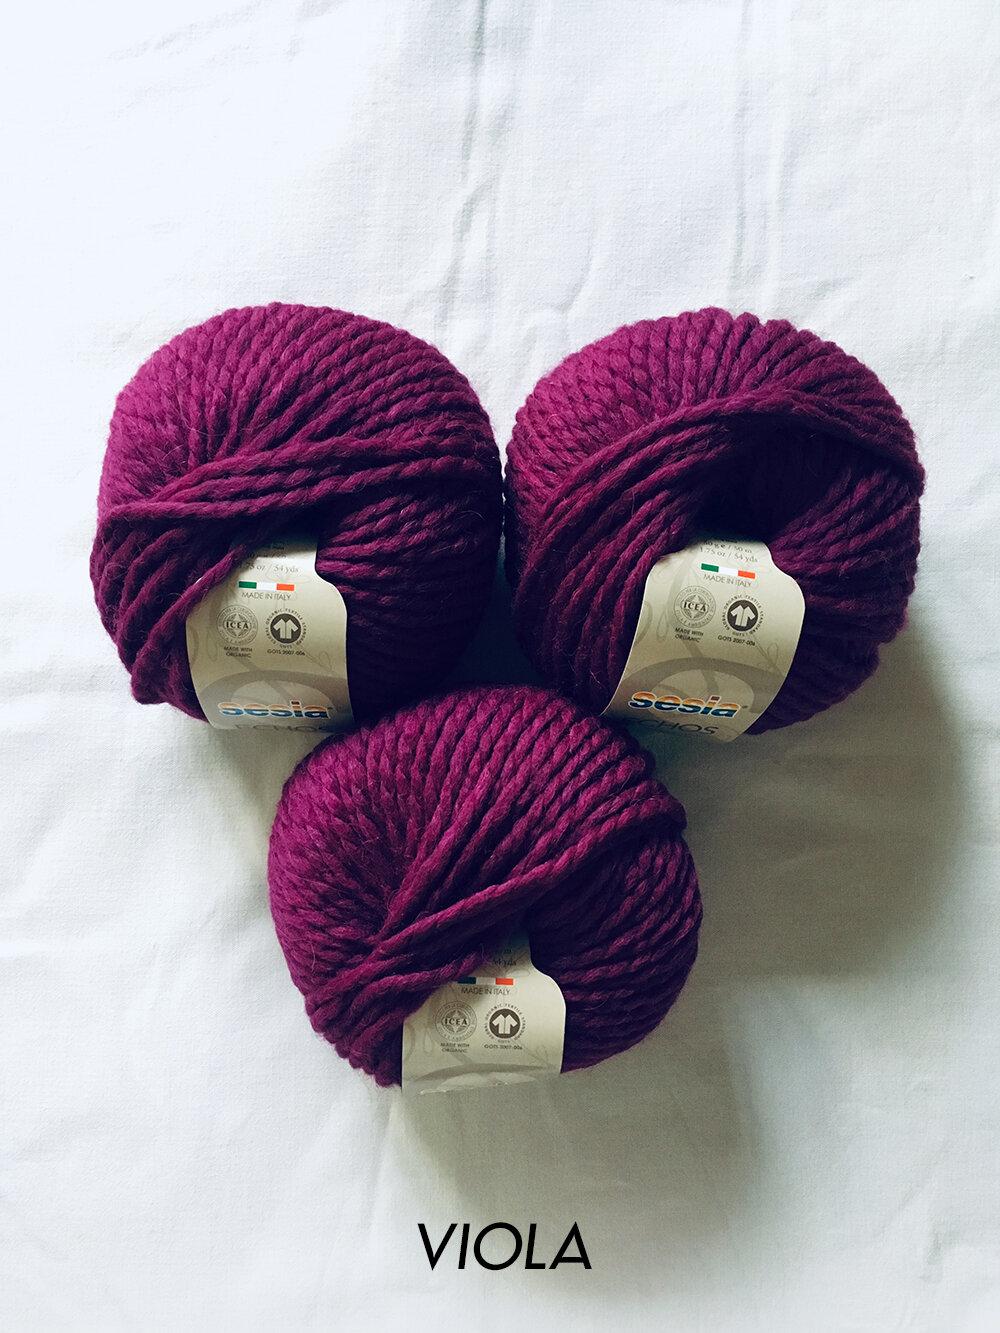 sesia_echos_viola_98N_wool_done_knitting.jpg